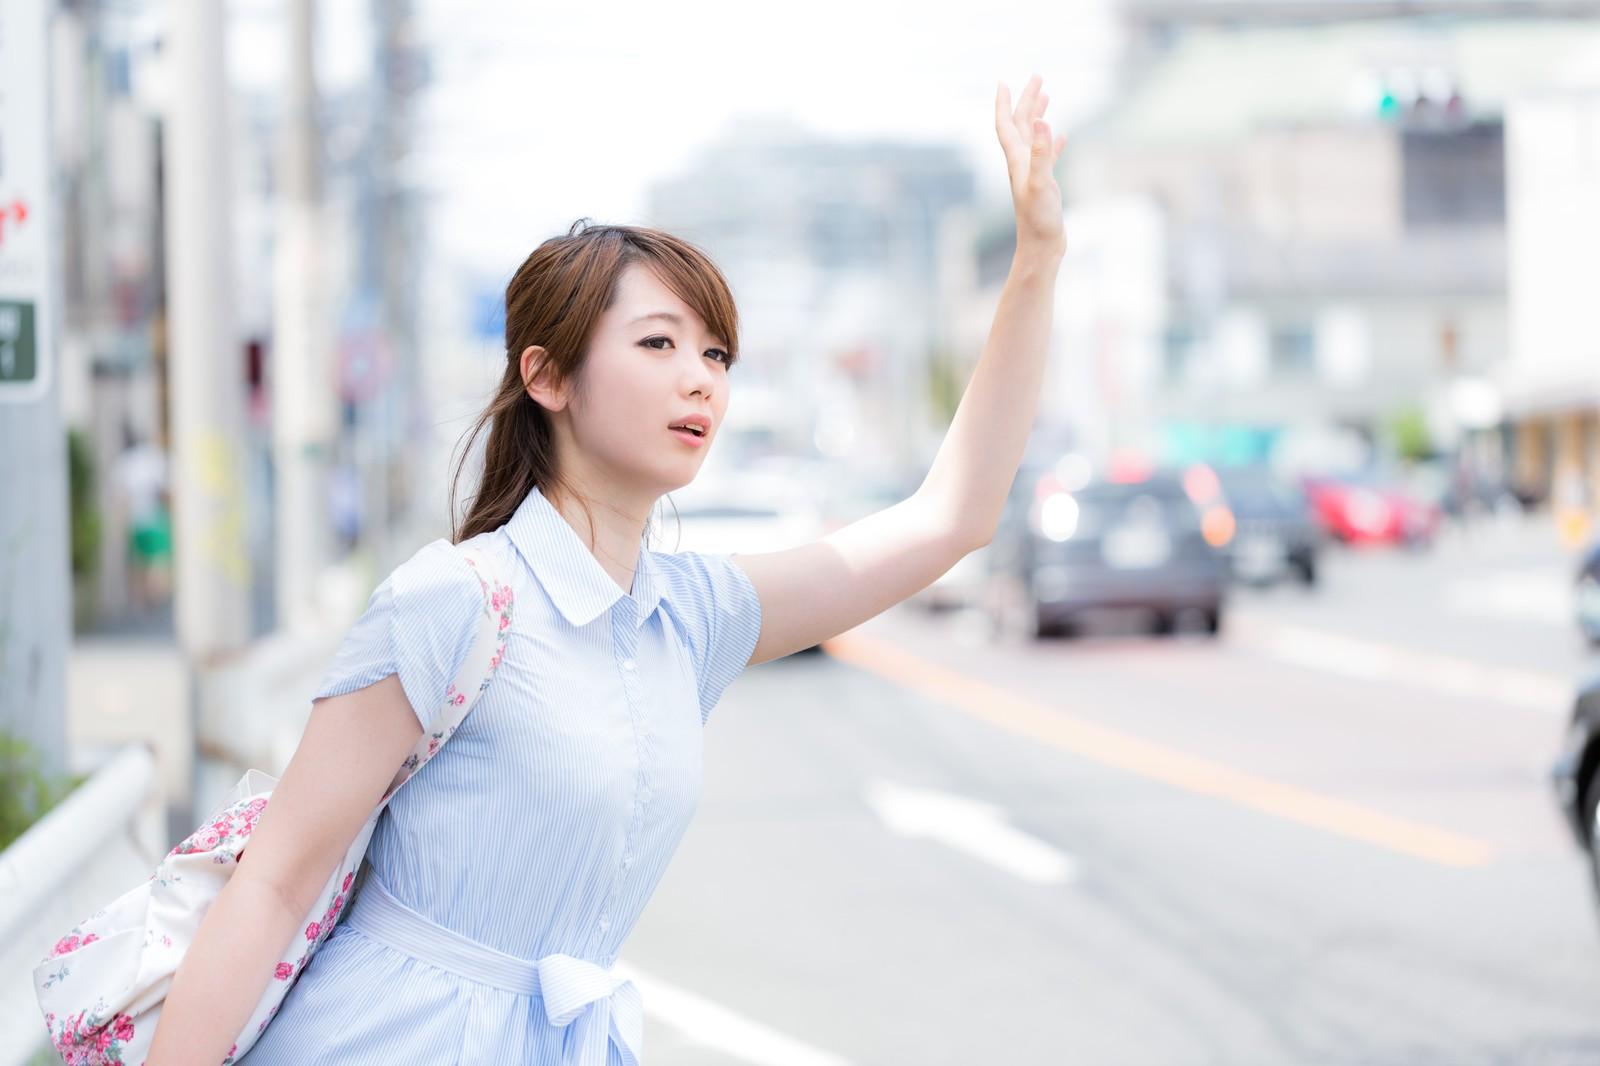 【韓国語】覚えておきたいタクシーで使える単語&フレーズ集